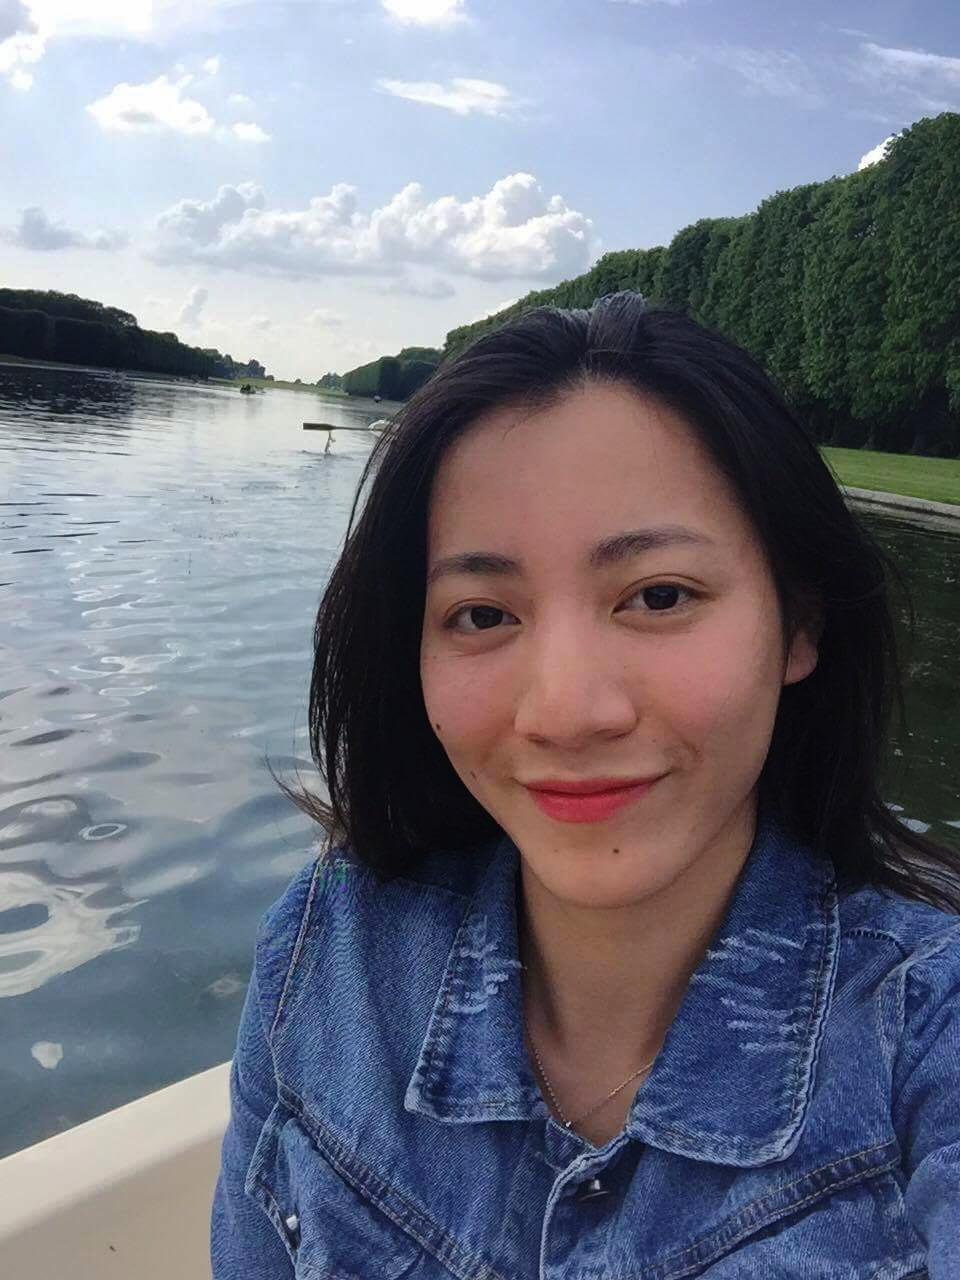 LE Thi Viet Trinh  Project Coordinator/// LE Thi Viet Trinh  Coordinatrice de Projet/// LE Thi Viet Trinh  Điều phối viên dự án